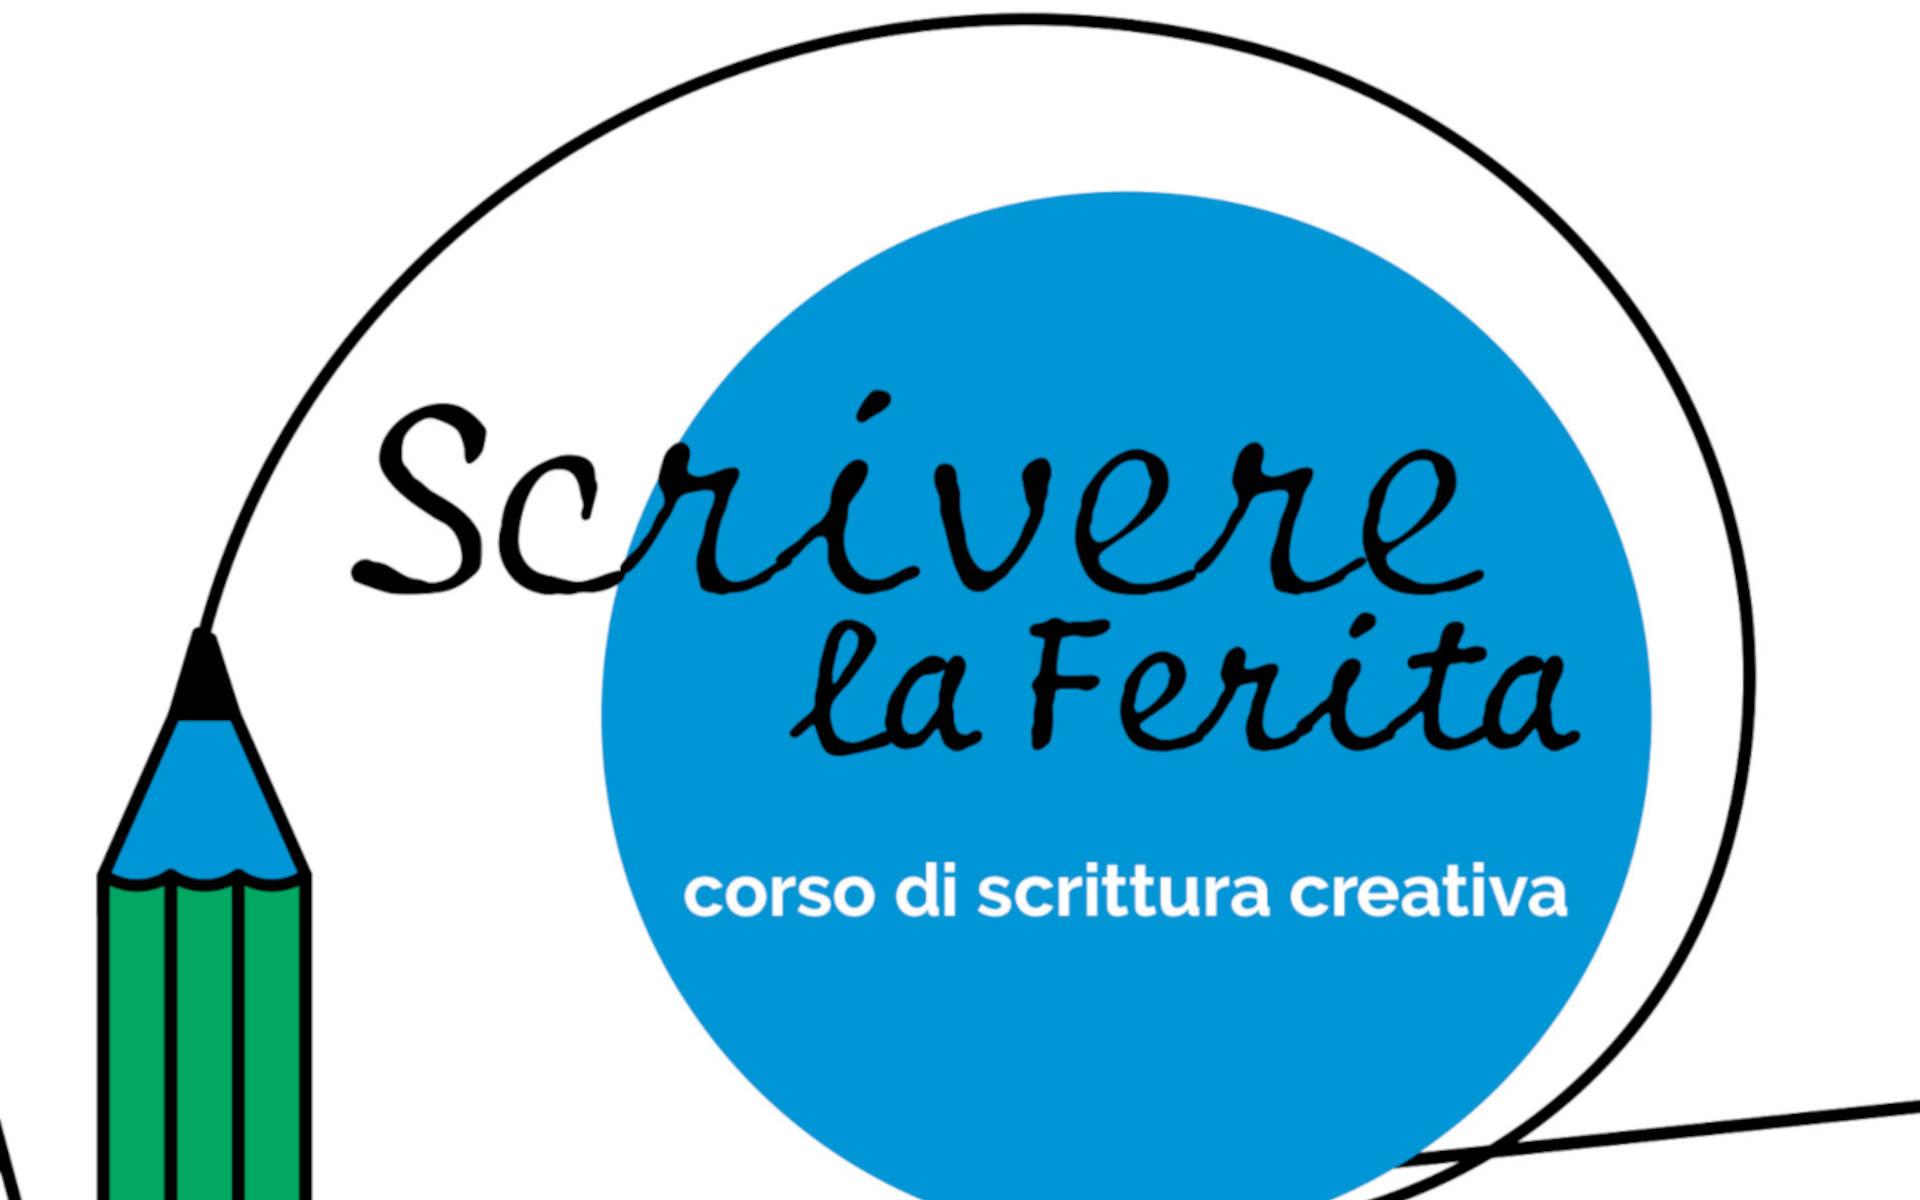 Corso scrittura creativa Progetto ITACA Bologna